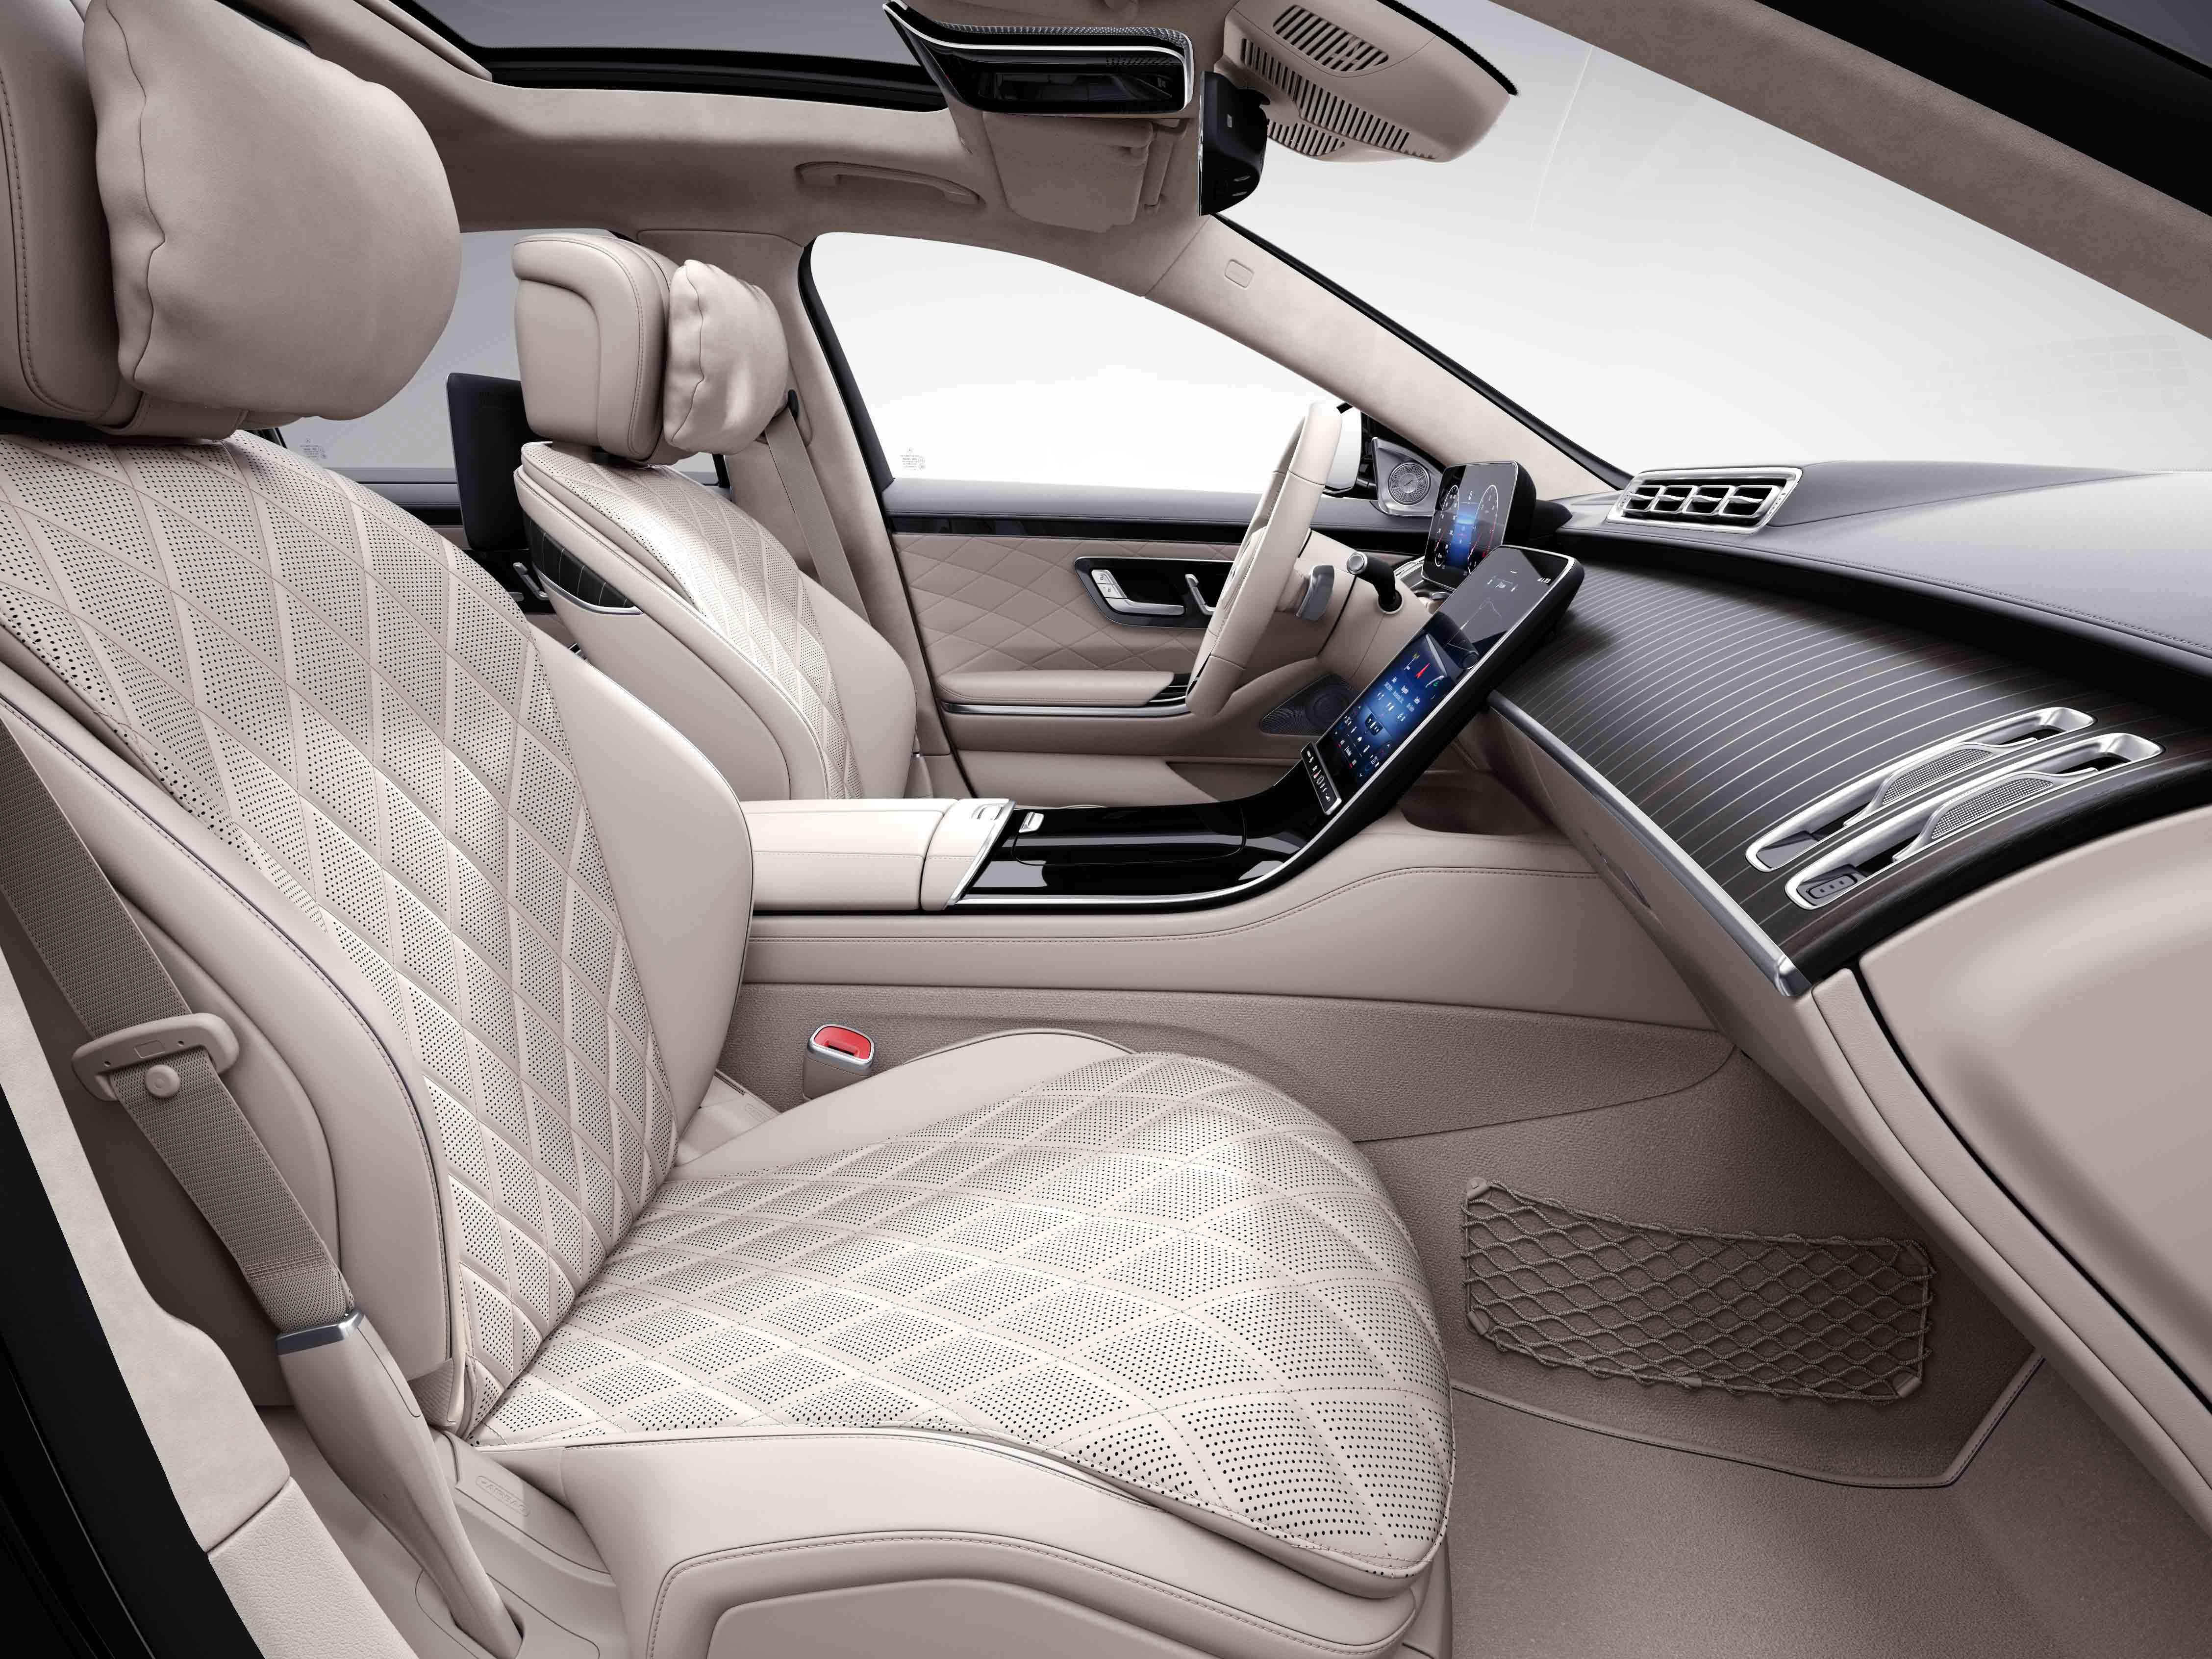 Habitacle de la Mercedes Classe S Limousine avec une sellerie cuir nappa AMG line plus - beige soie marron expresso